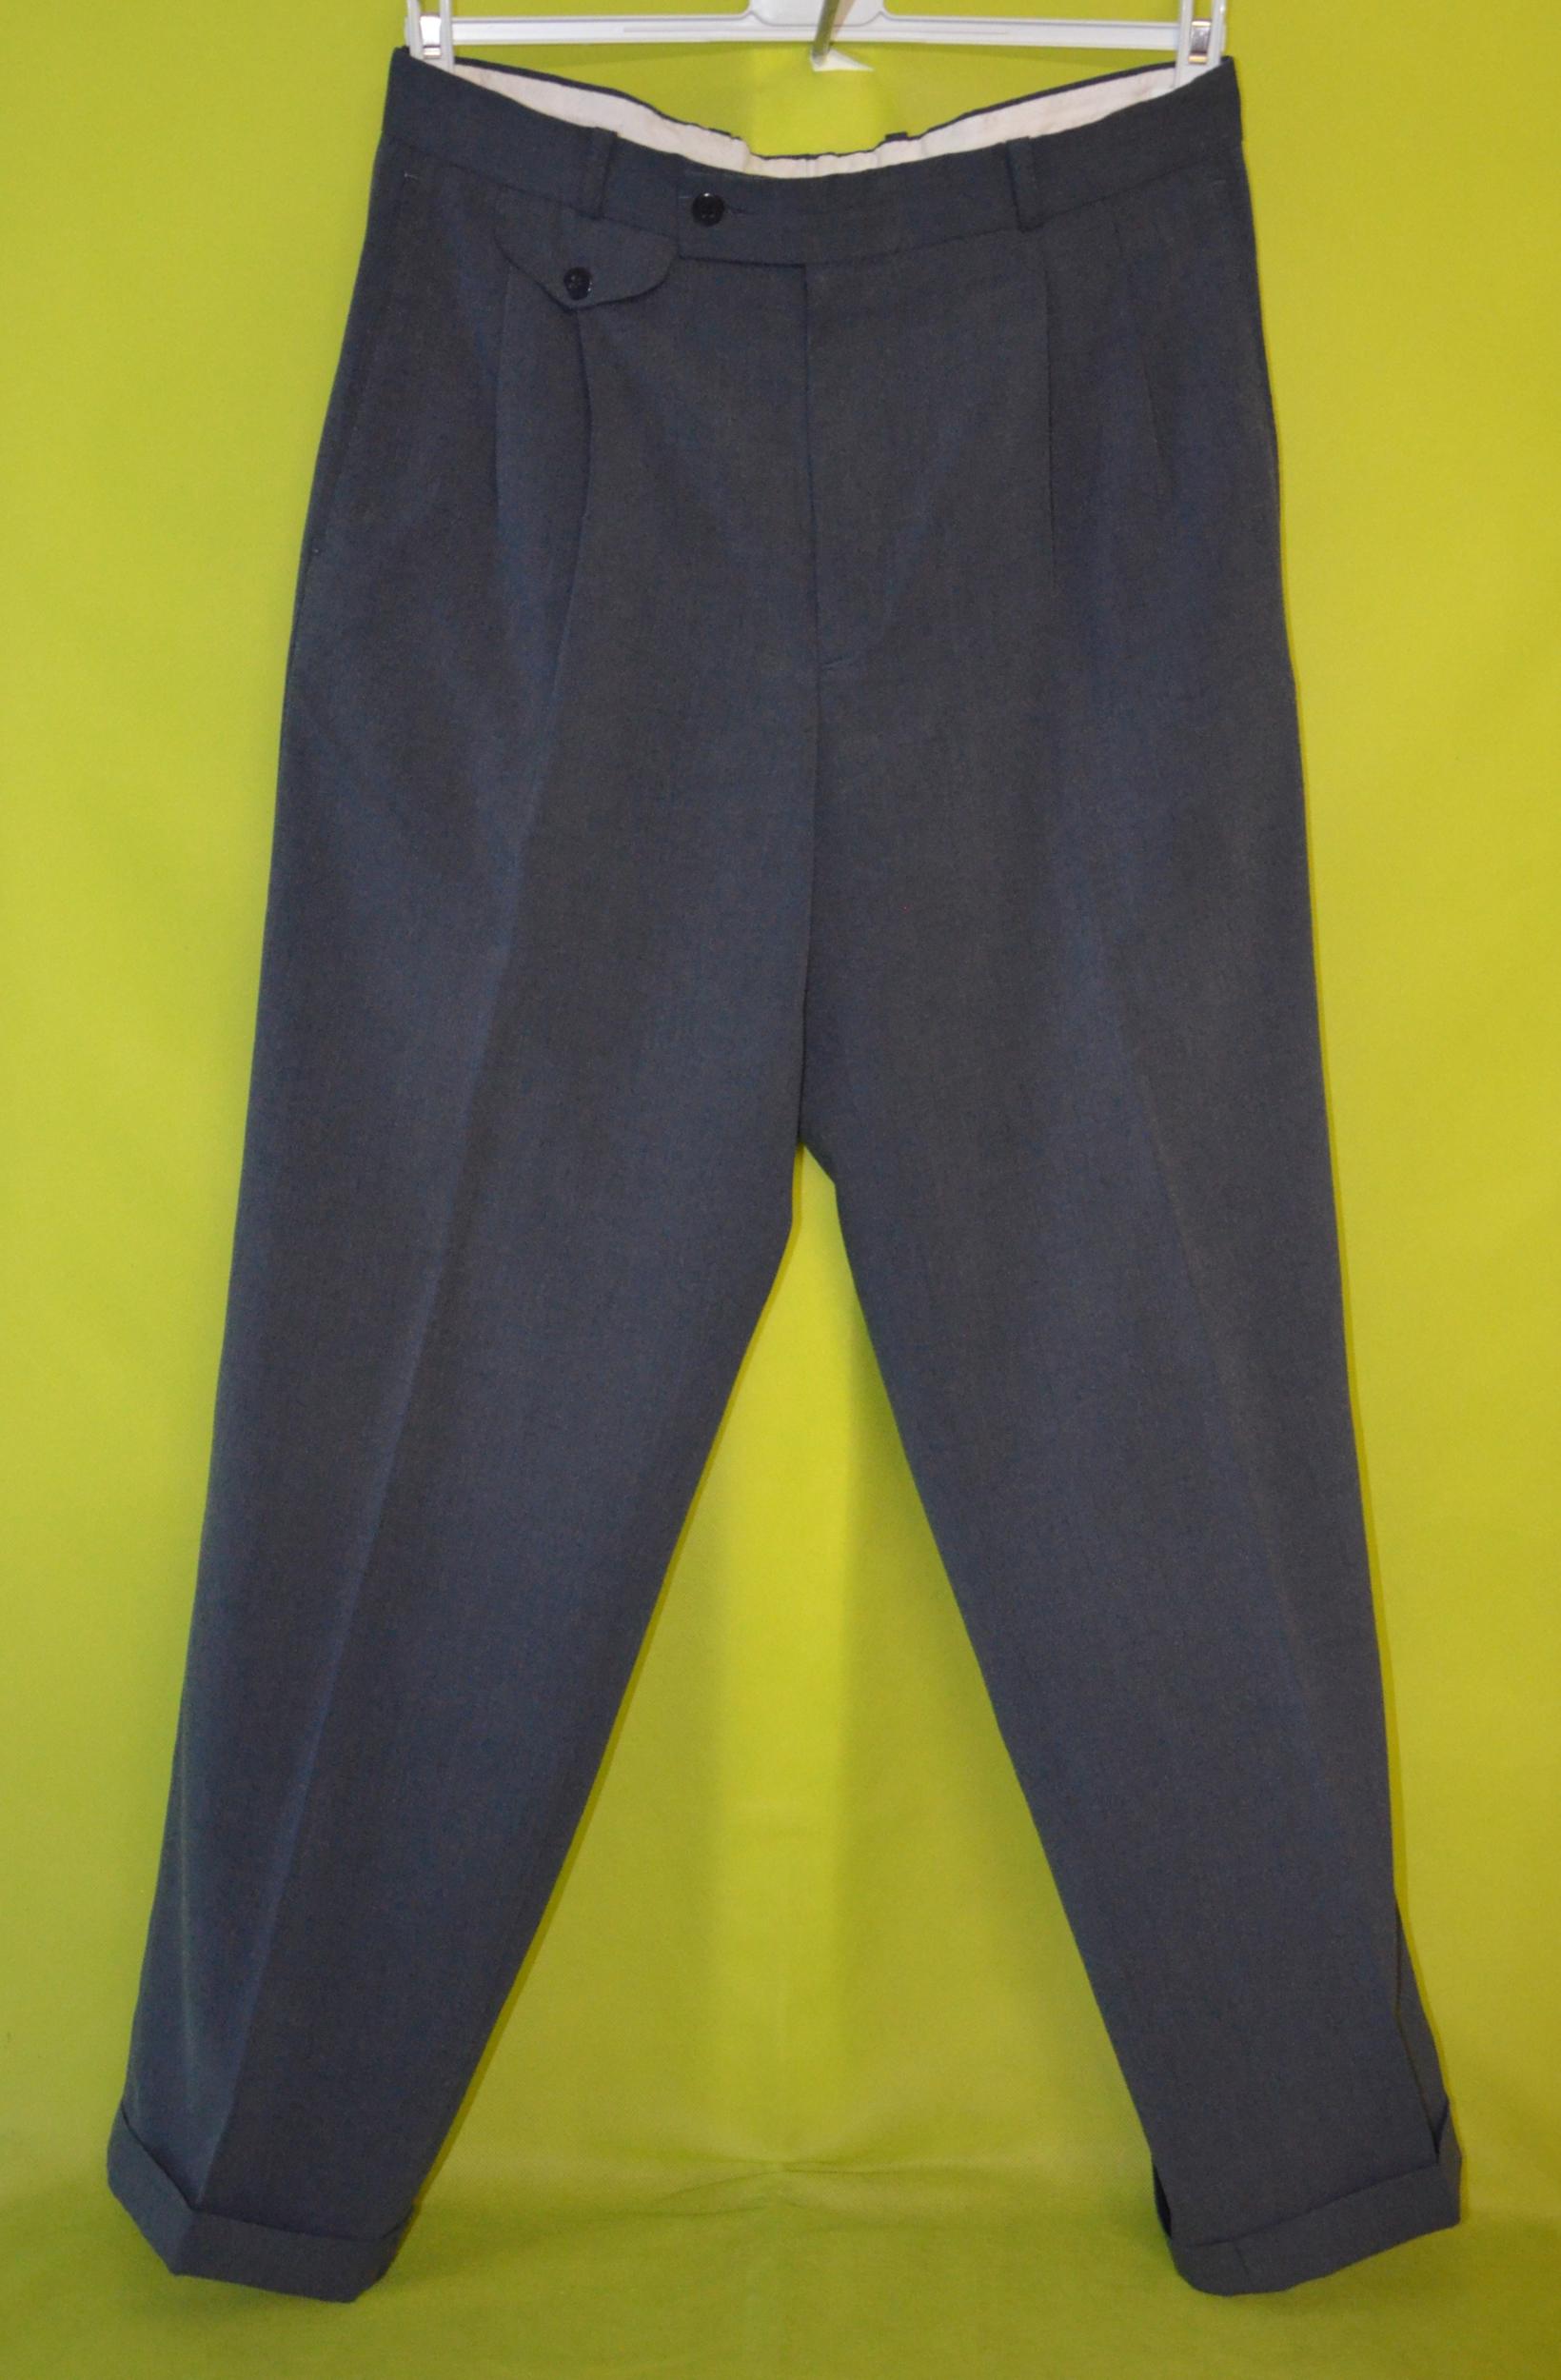 Friperie en ligne femme pantalon 40 gris laurent cerrer vetement occasion femme